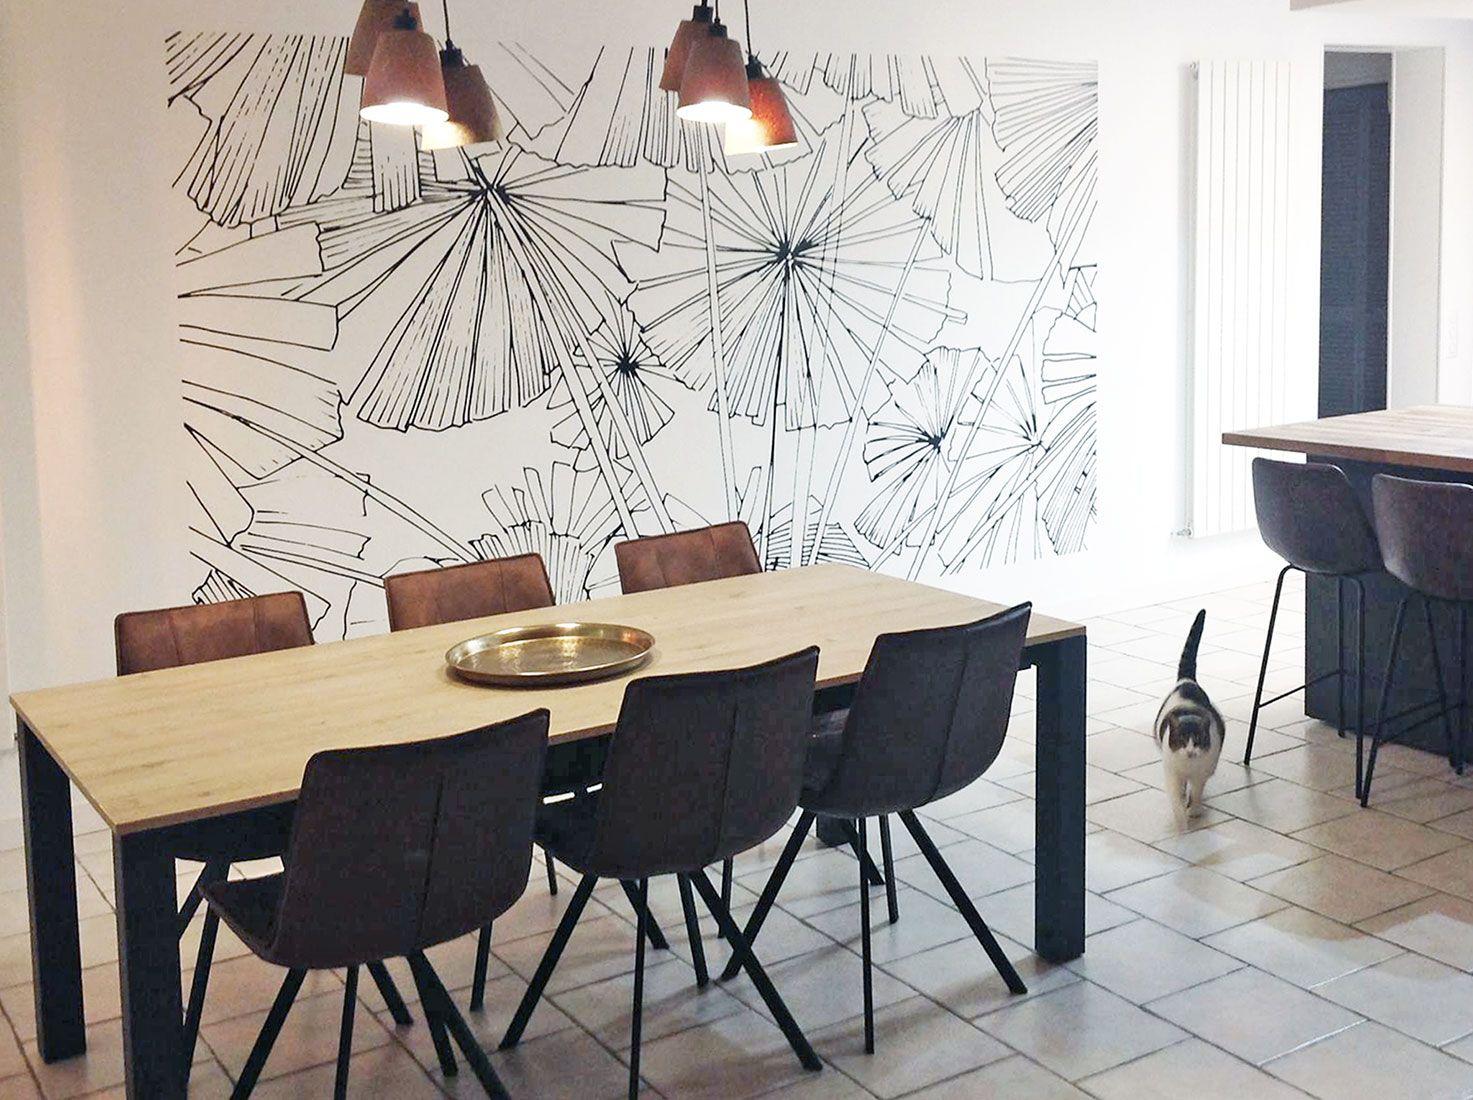 Idee Tapisserie Salle A Manger Épinglé par valérie vanthuyne sur christelle | papier peint